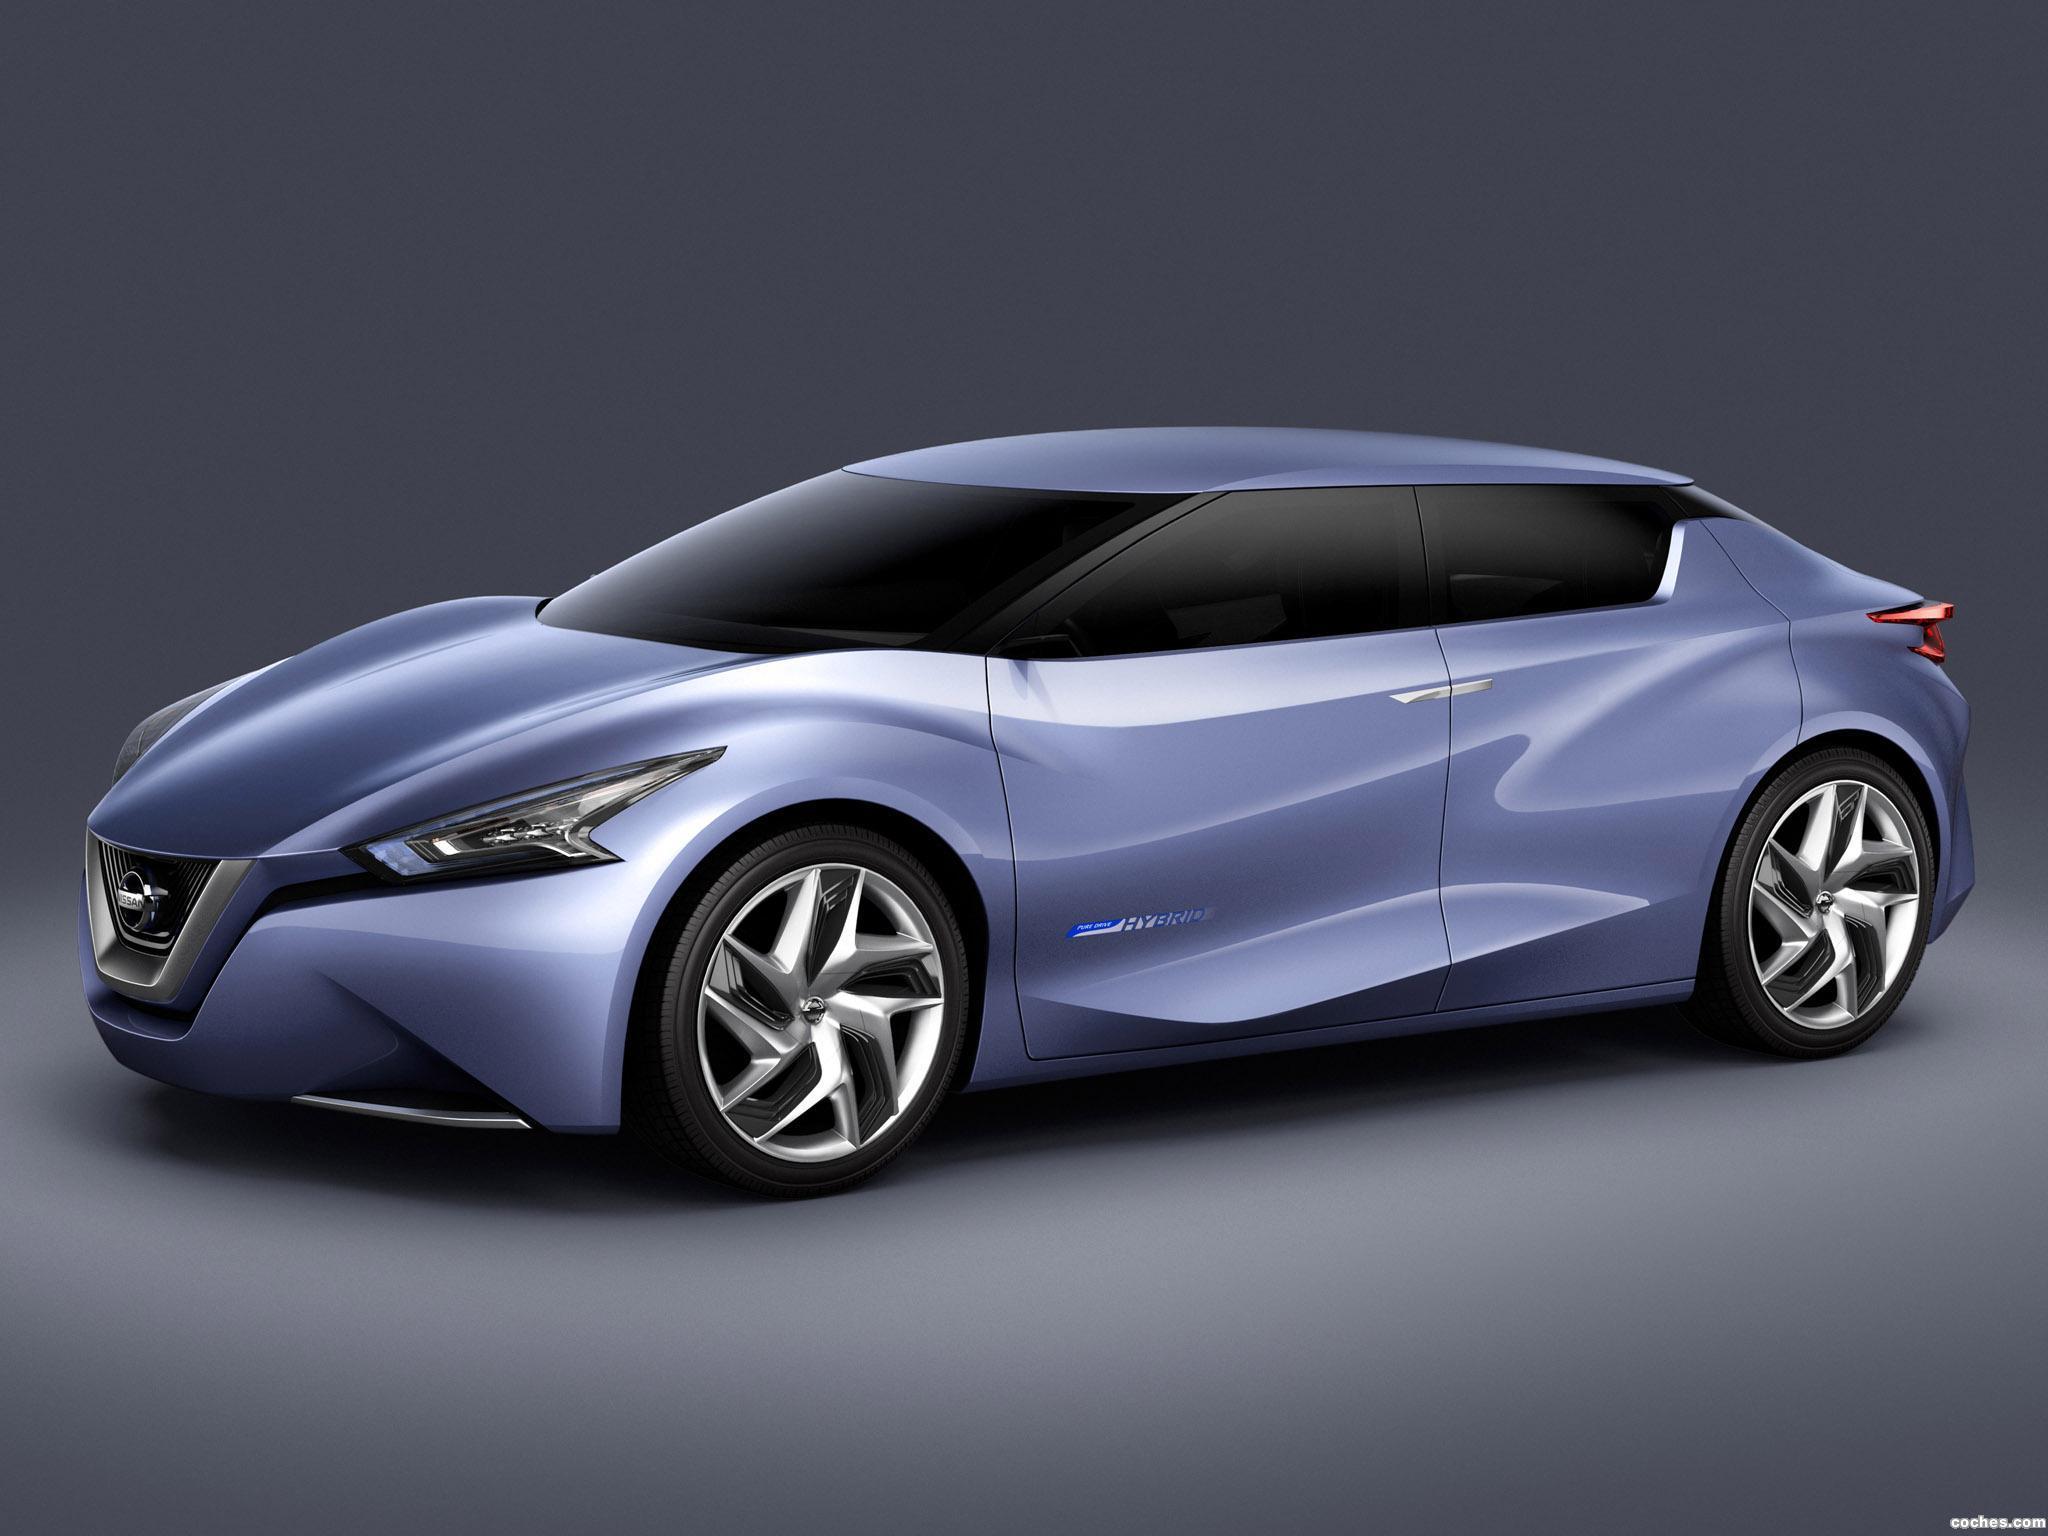 Foto 4 de Nissan Friend-ME Concept 2013